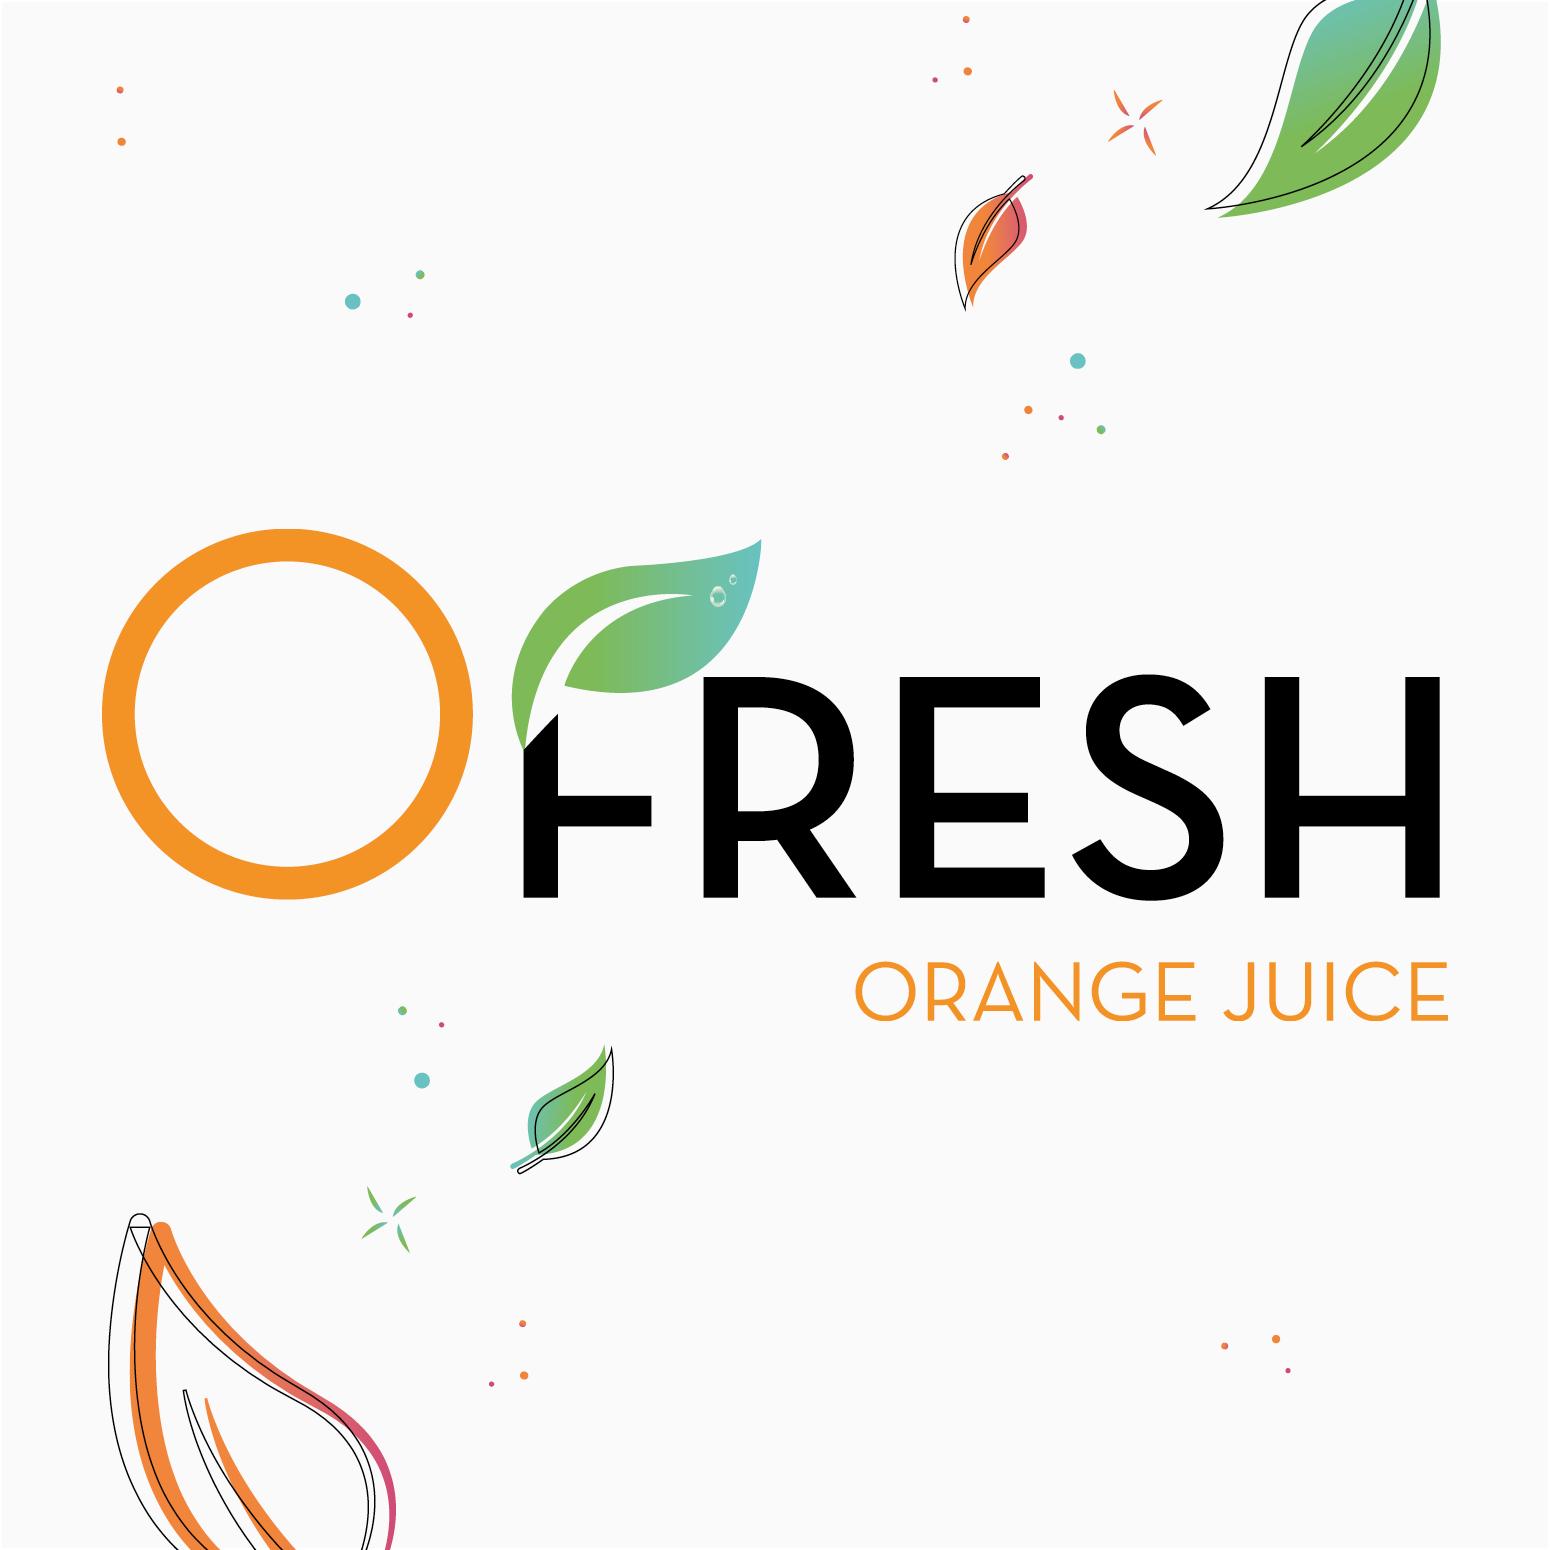 Logo OFresh